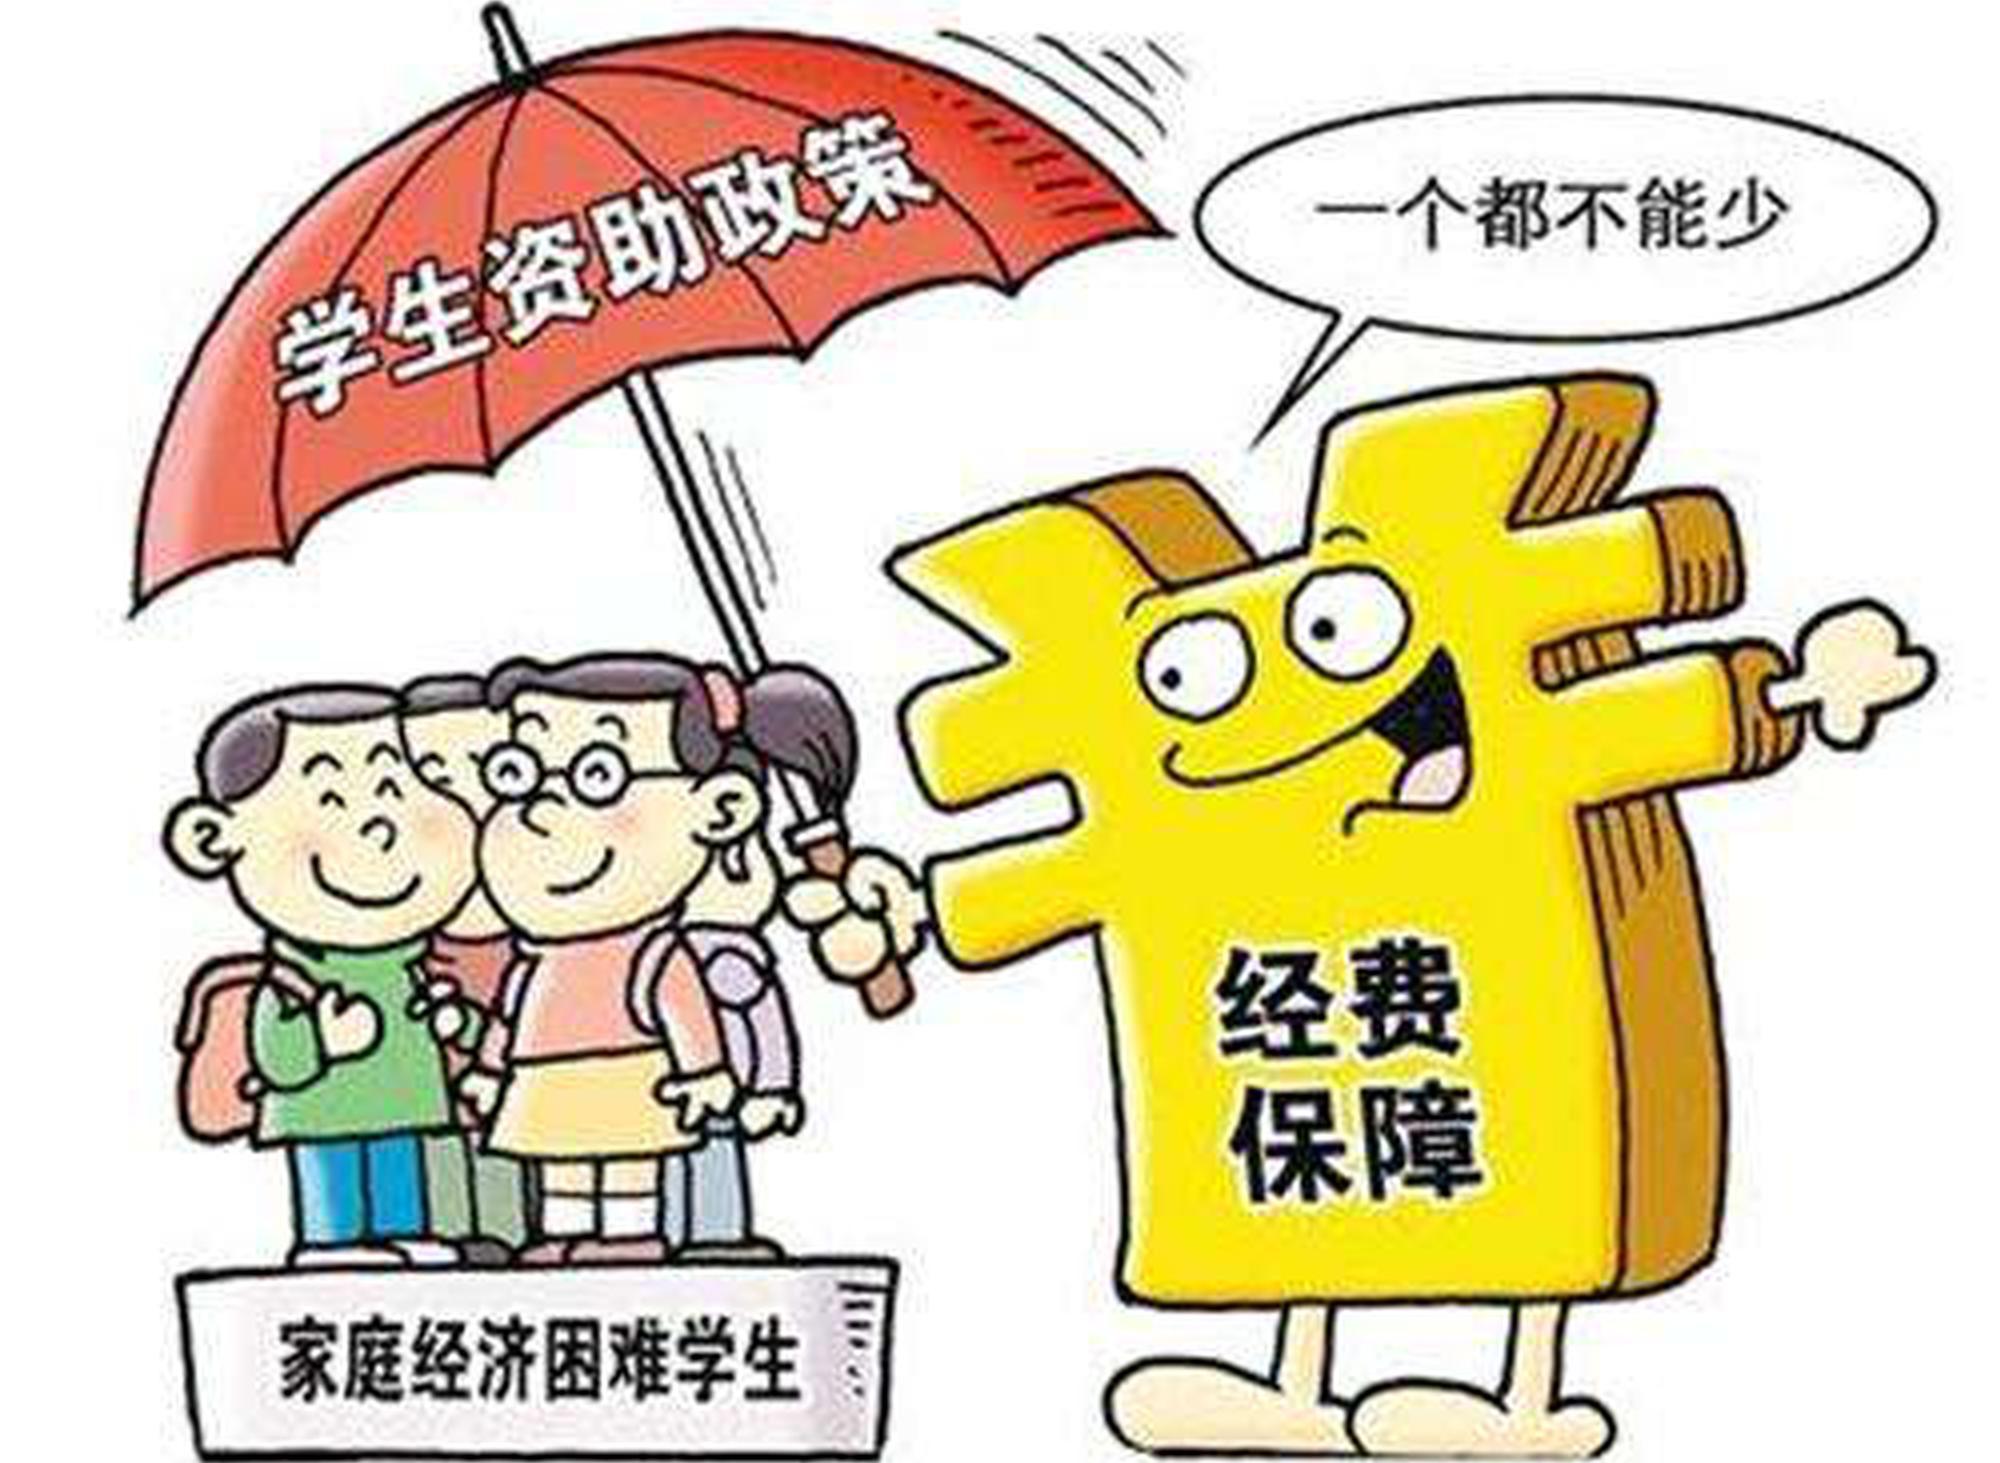 祁阳一校长以权谋私被给予行政记过处分